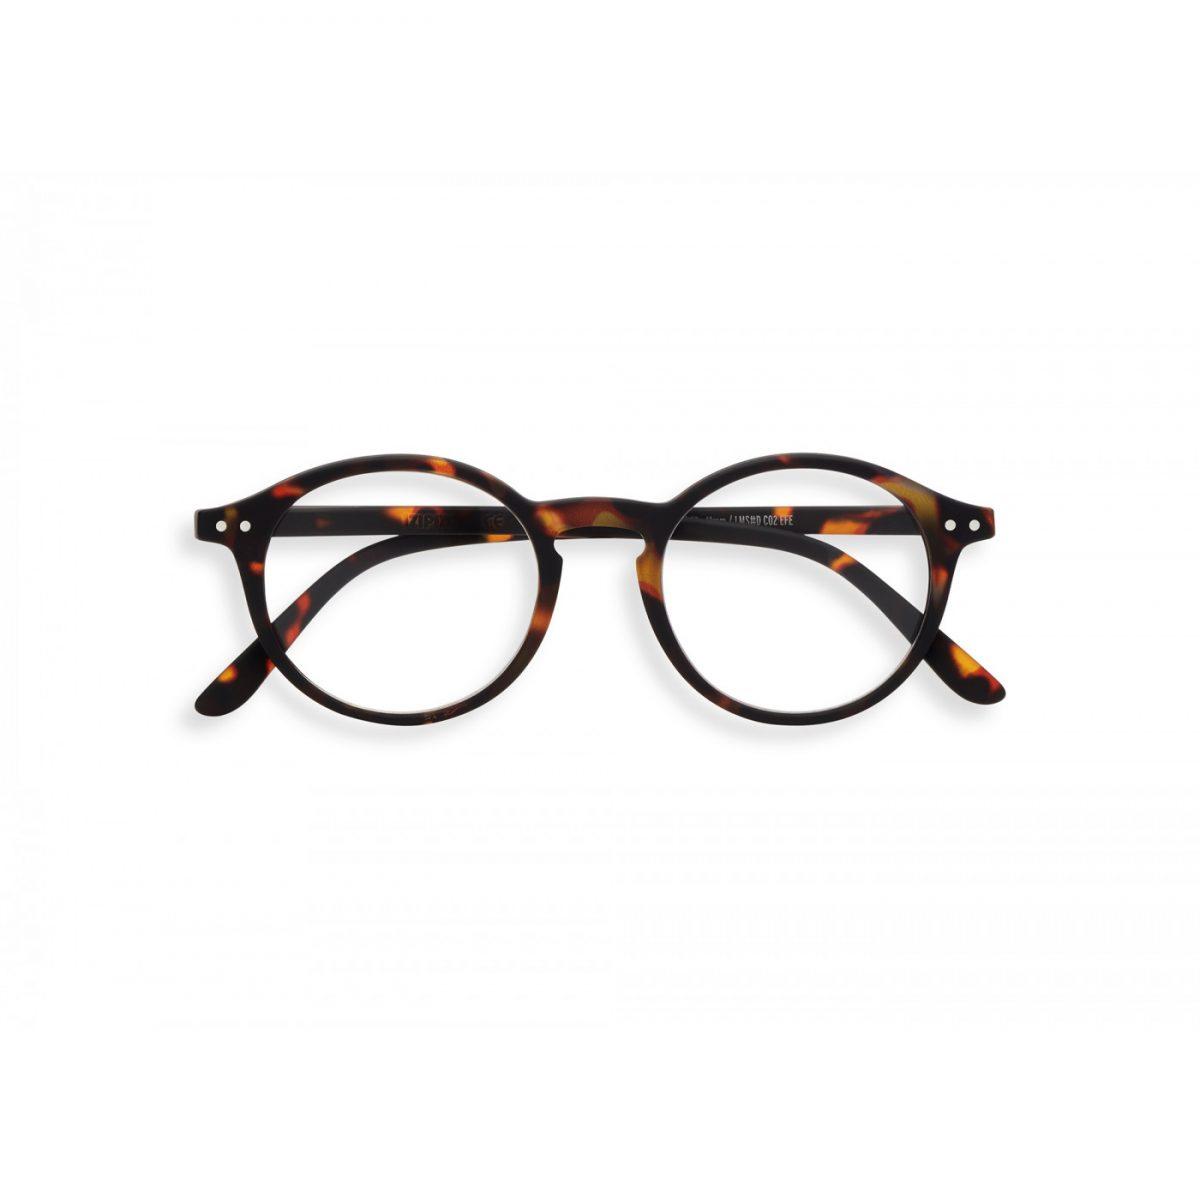 d-tortoise-lunettes-lecture